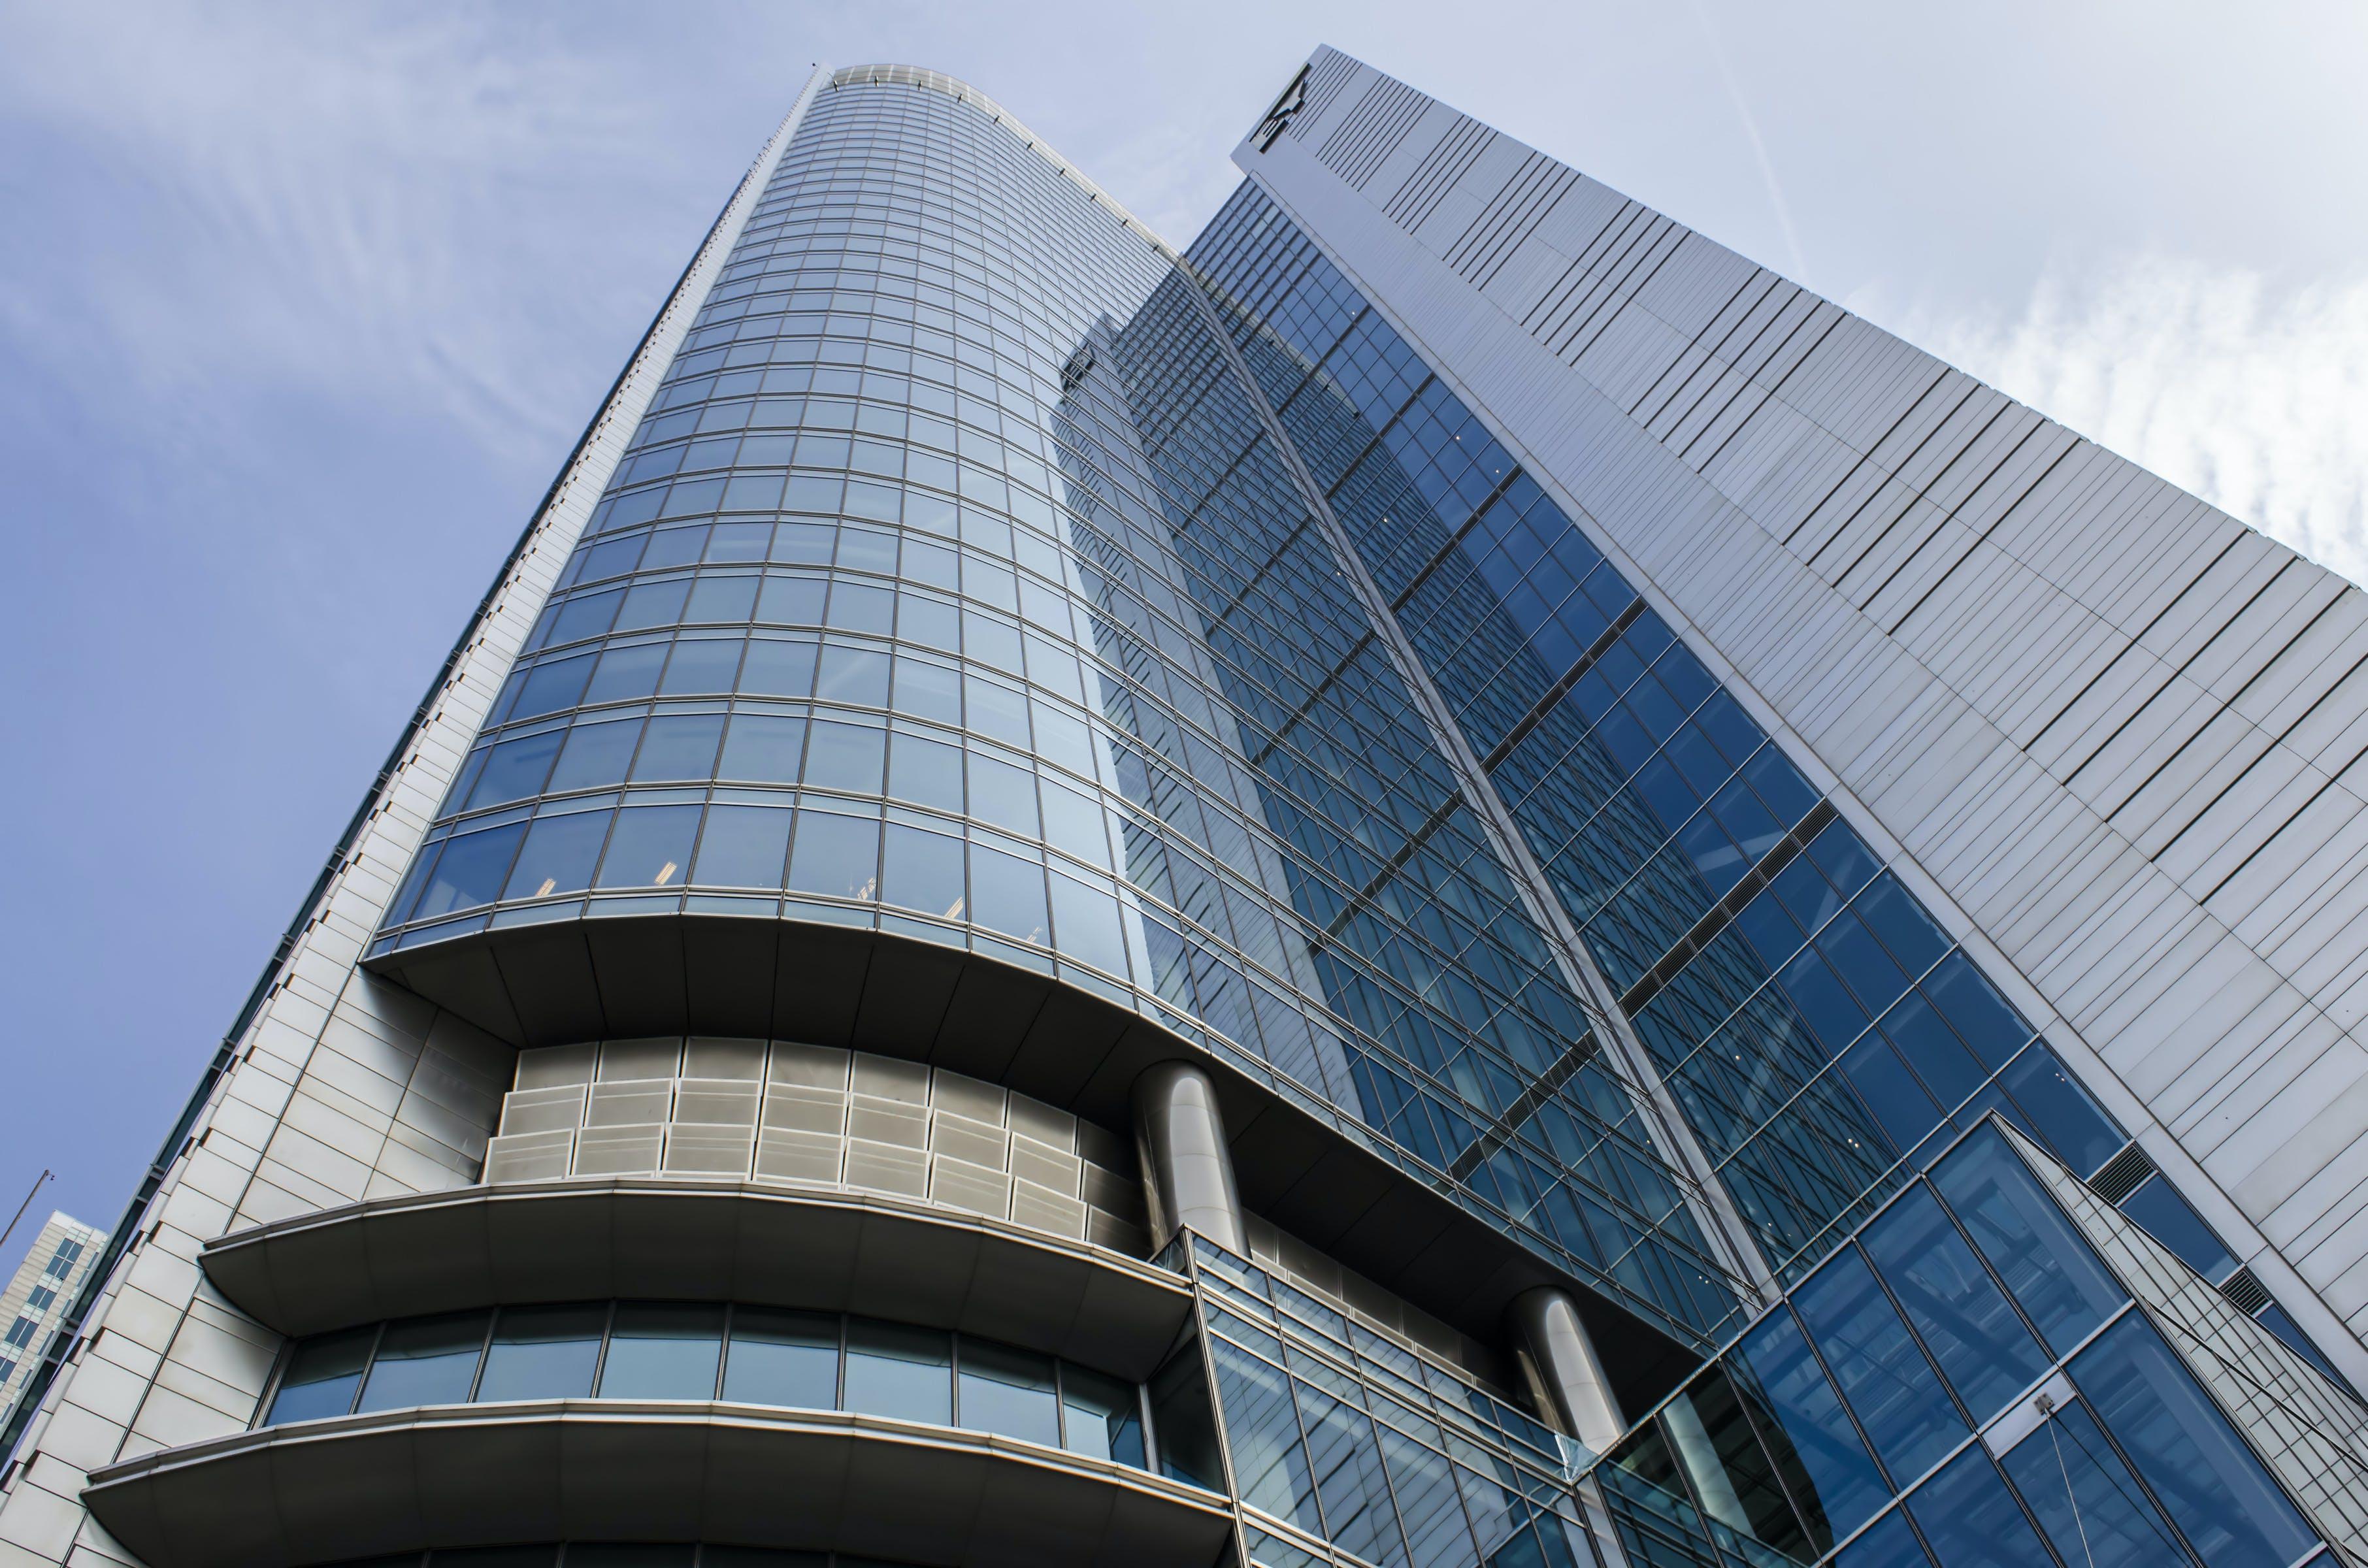 Kostenloses Stock Foto zu himmel, wolken, büro, architektur